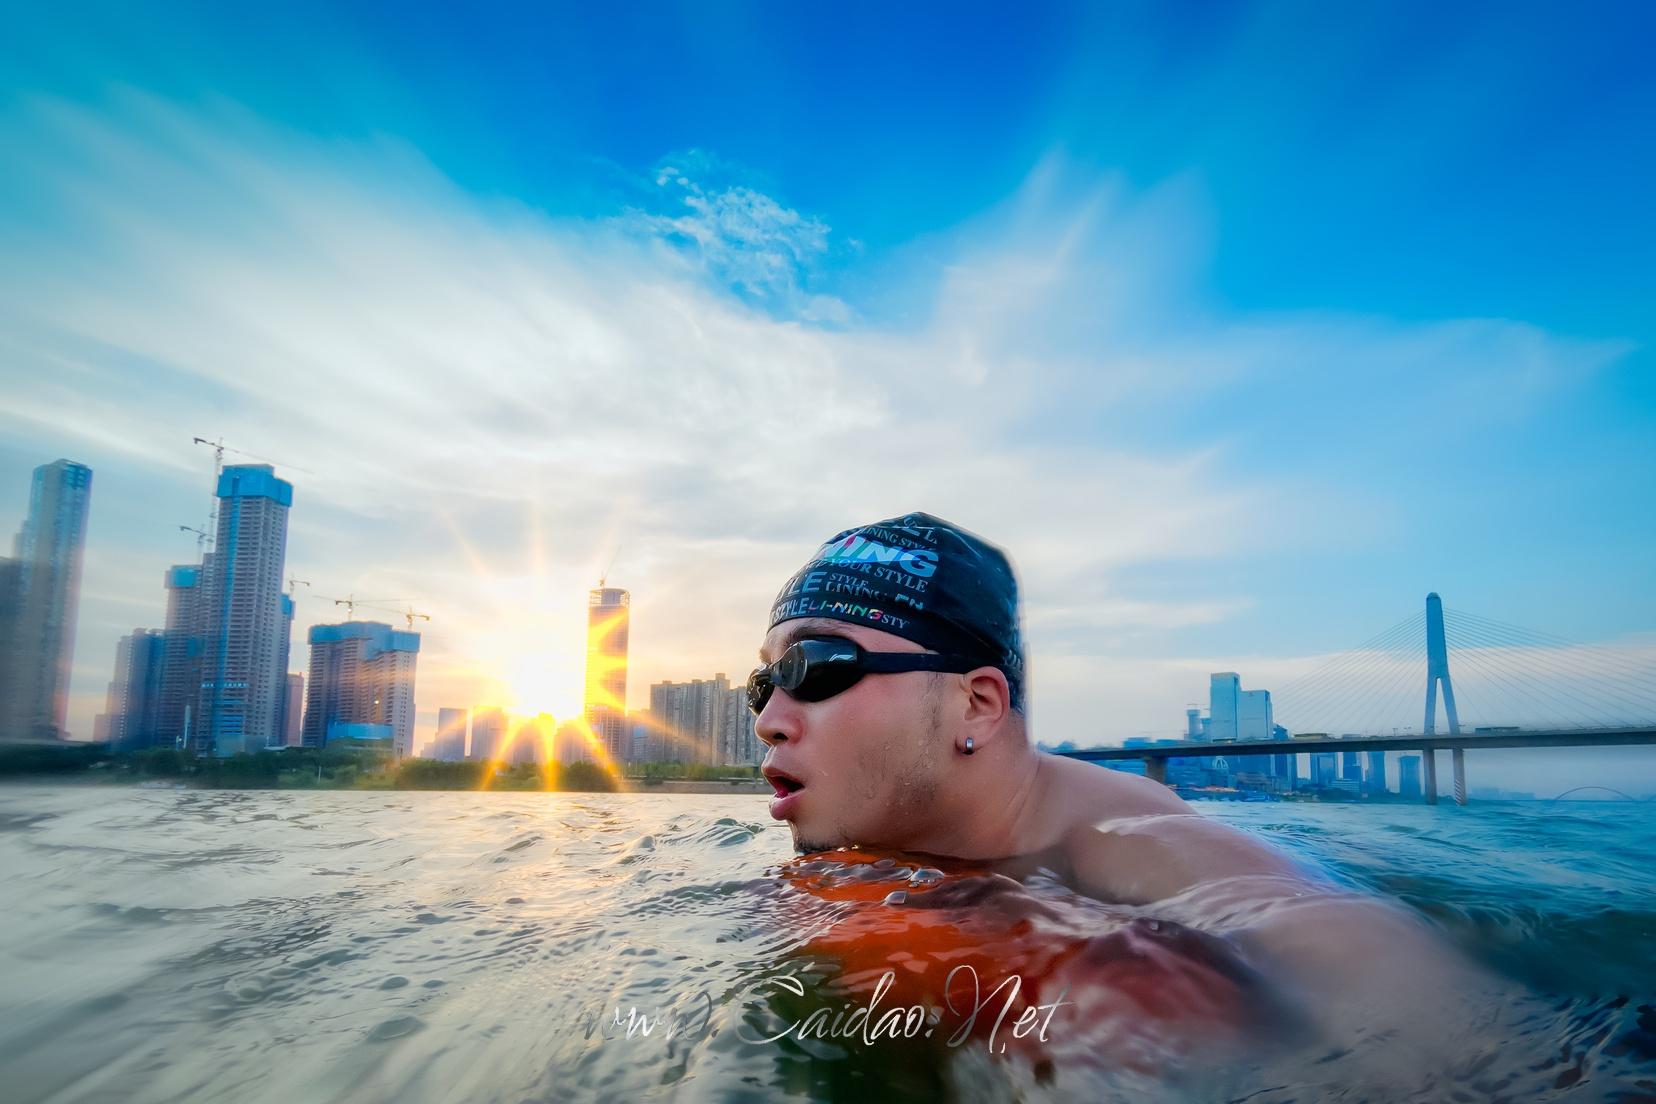 游泳爱好者李银华的游泳照片